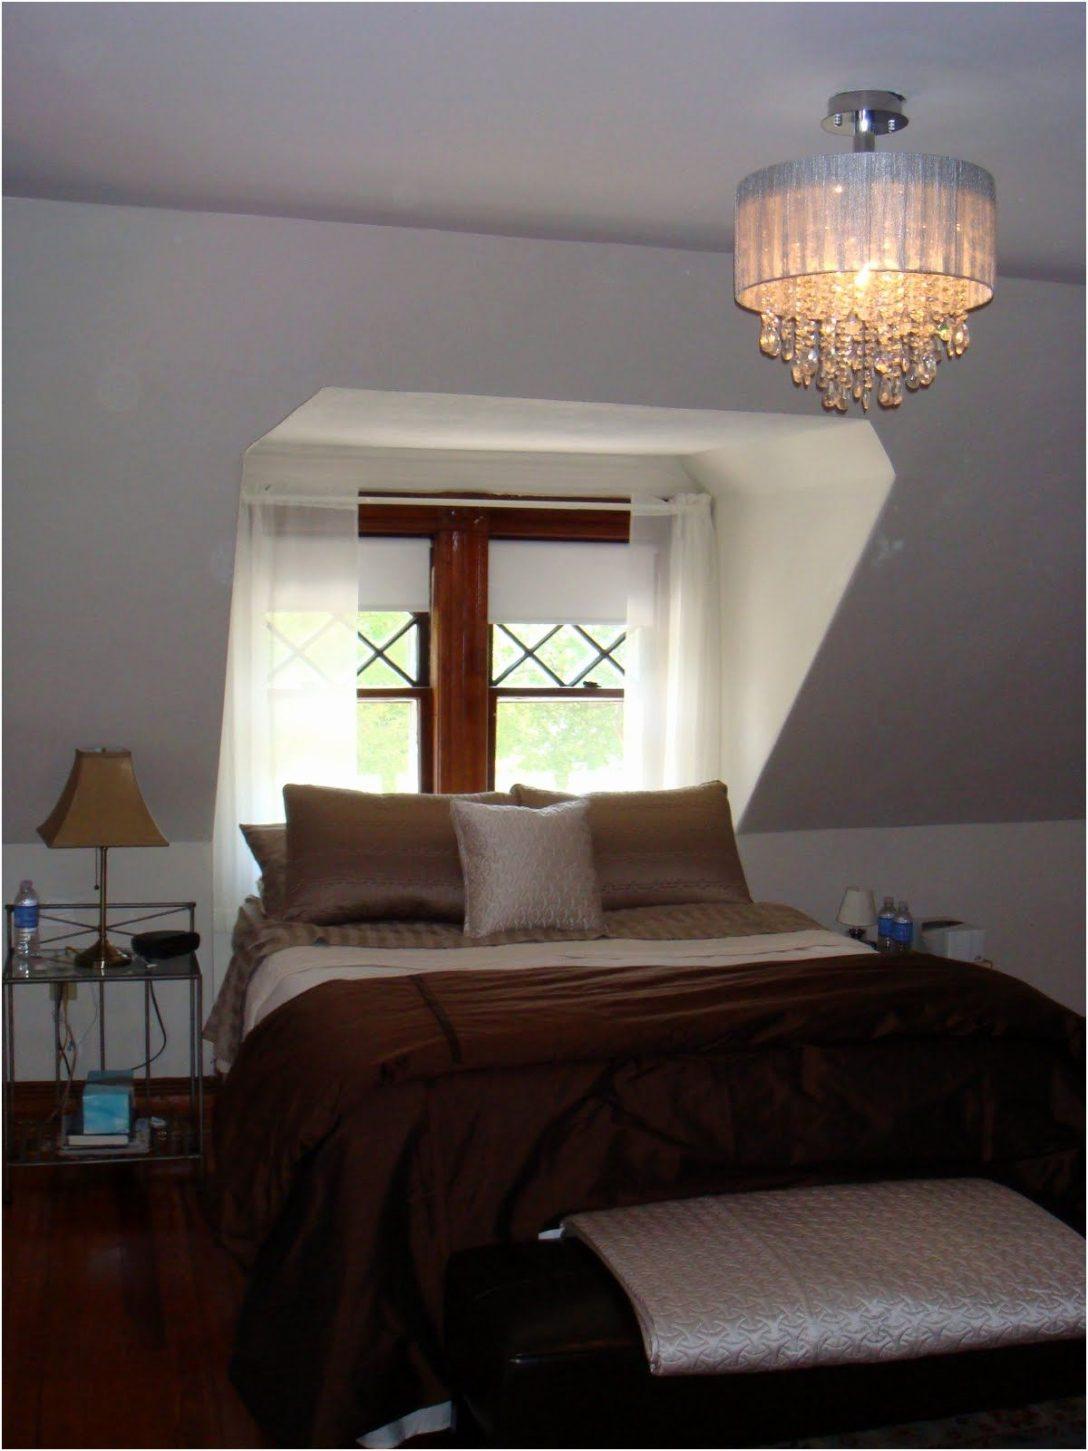 Large Size of Wandlampen Schlafzimmer Leuchten Mit Bildern Deckenleuchte Komplett Lattenrost Und Matratze Schränke Günstig Teppich Deckenlampe Deckenleuchten Wandtattoos Wohnzimmer Wandlampen Schlafzimmer